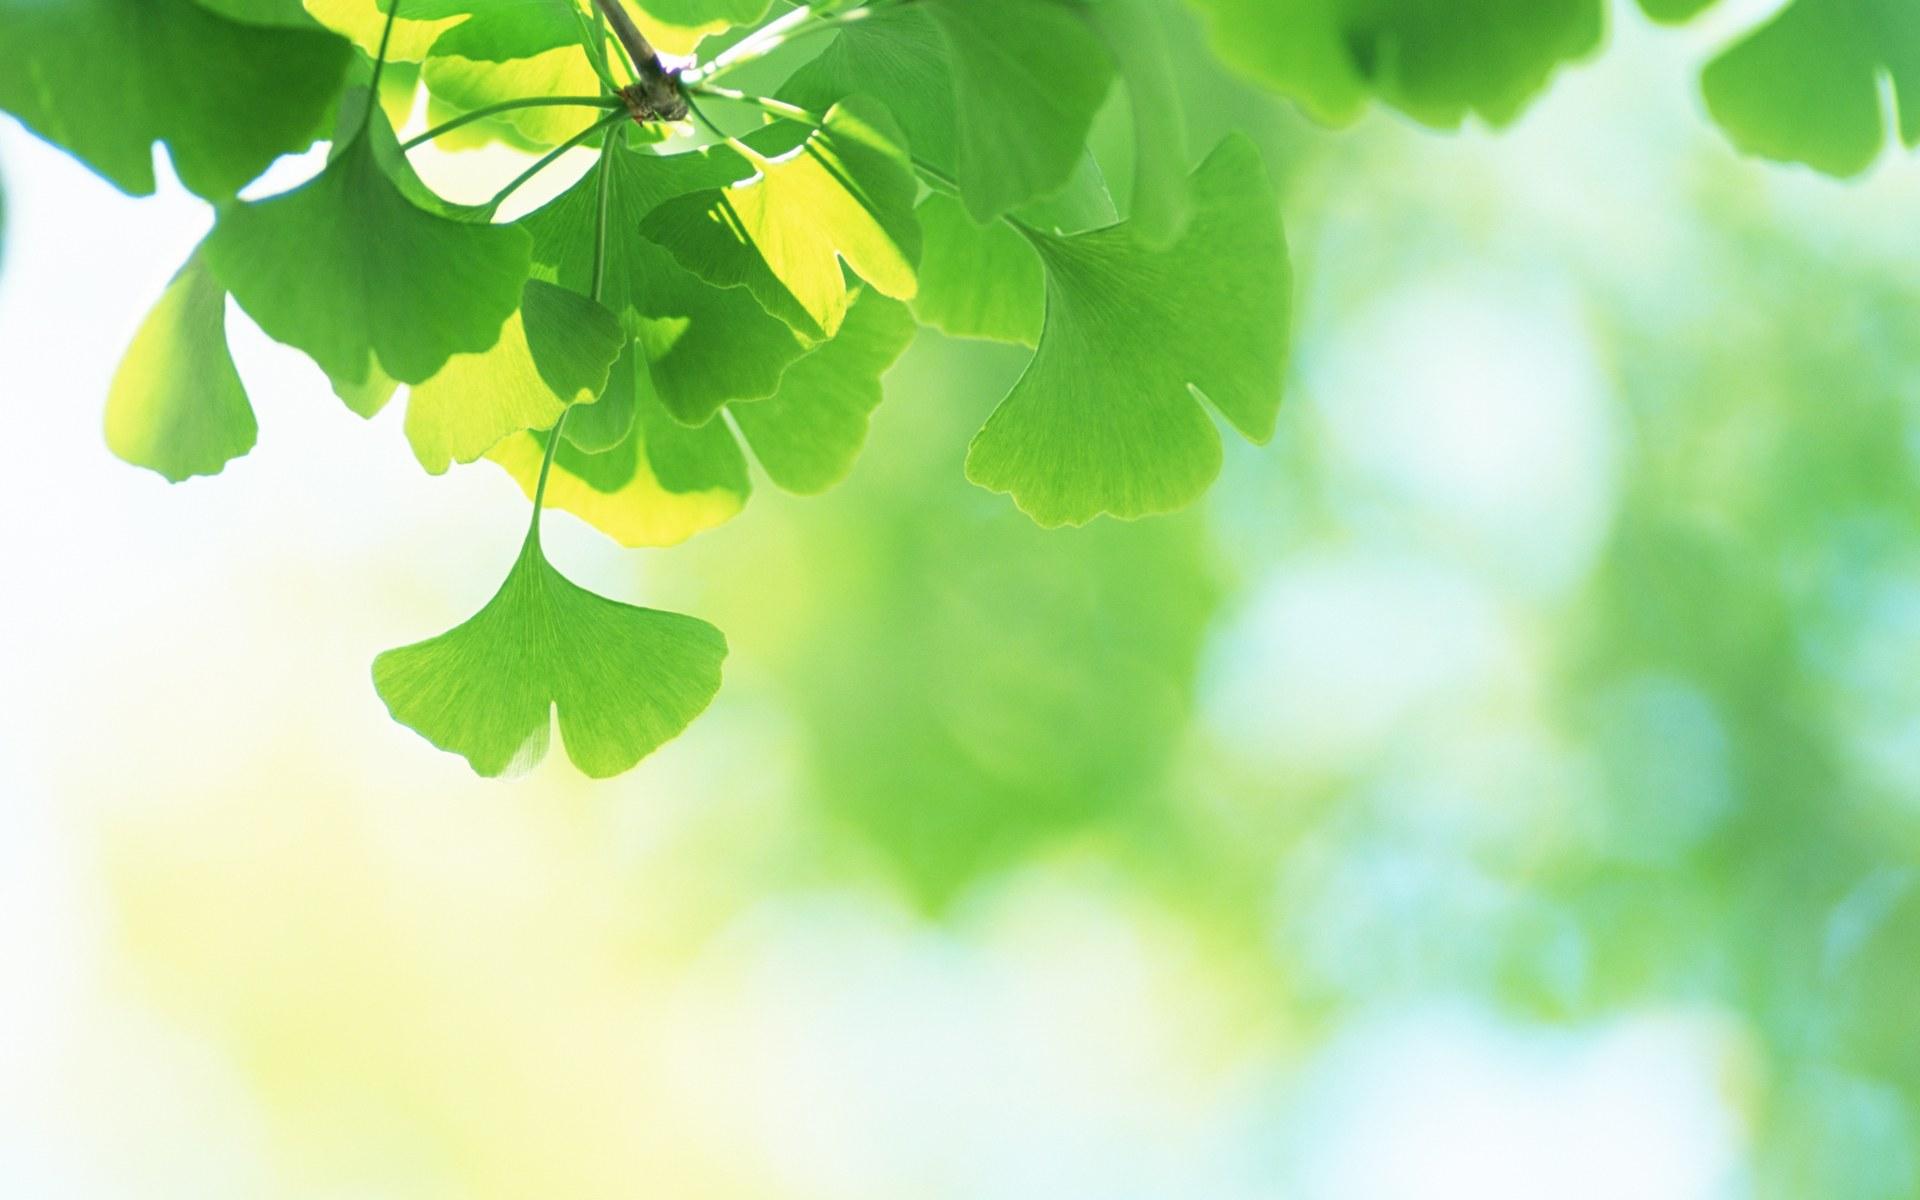 Желто-зеленые листки  № 3114857 бесплатно